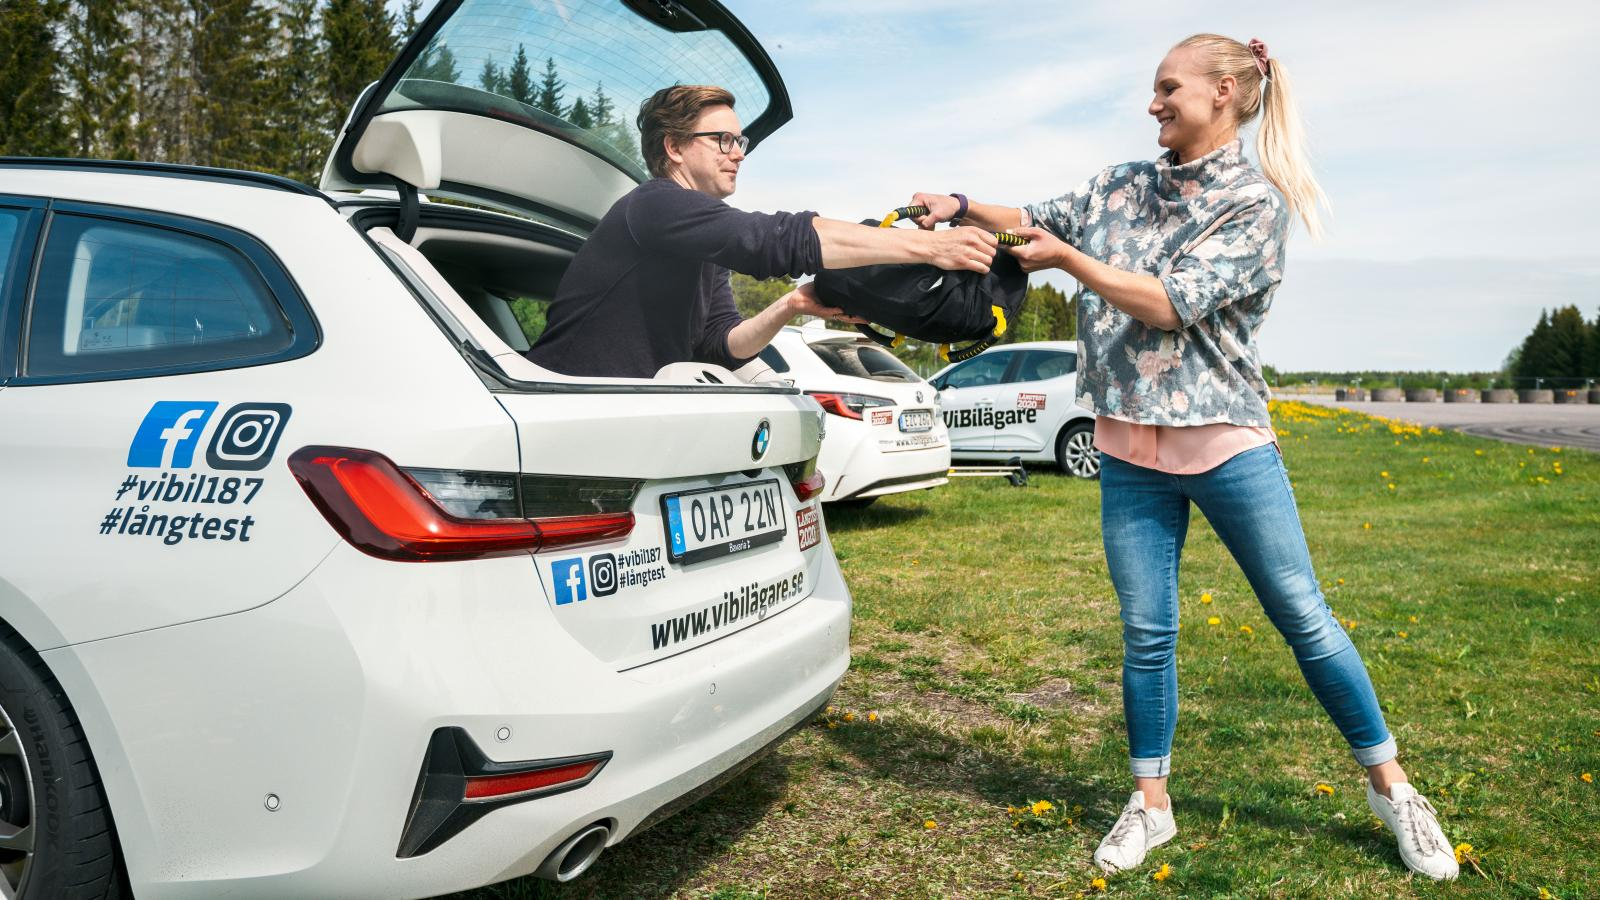 BMW:s öppningsbara bakruta gör livet lättare när matsäcken ska fram ur en fullastad bil.